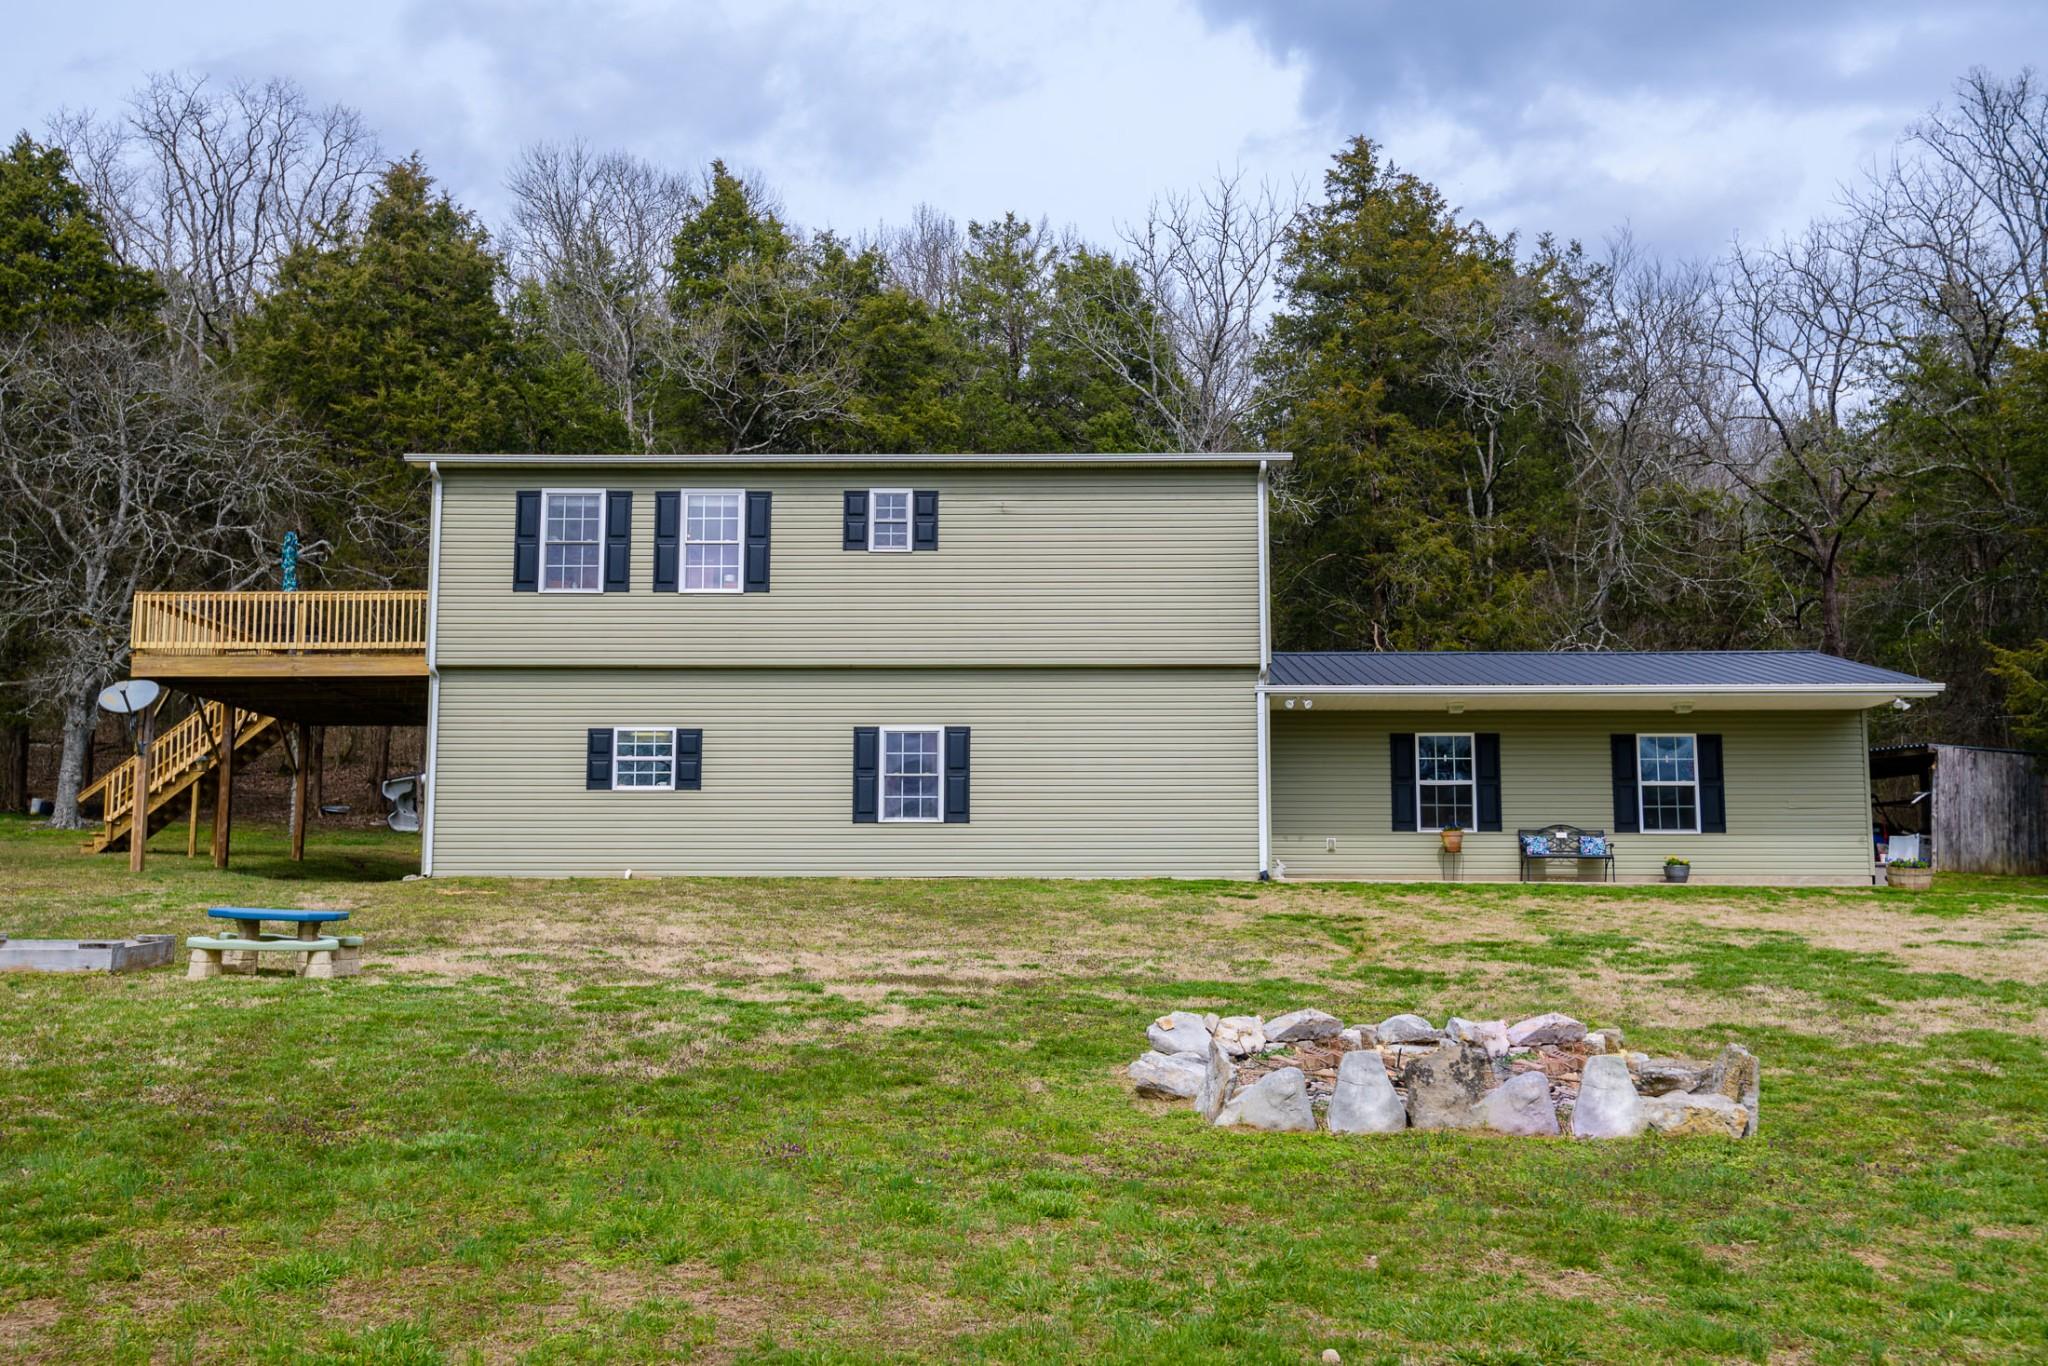 185 Lake Elaine Rd, Shelbyville, TN 37160 - Shelbyville, TN real estate listing